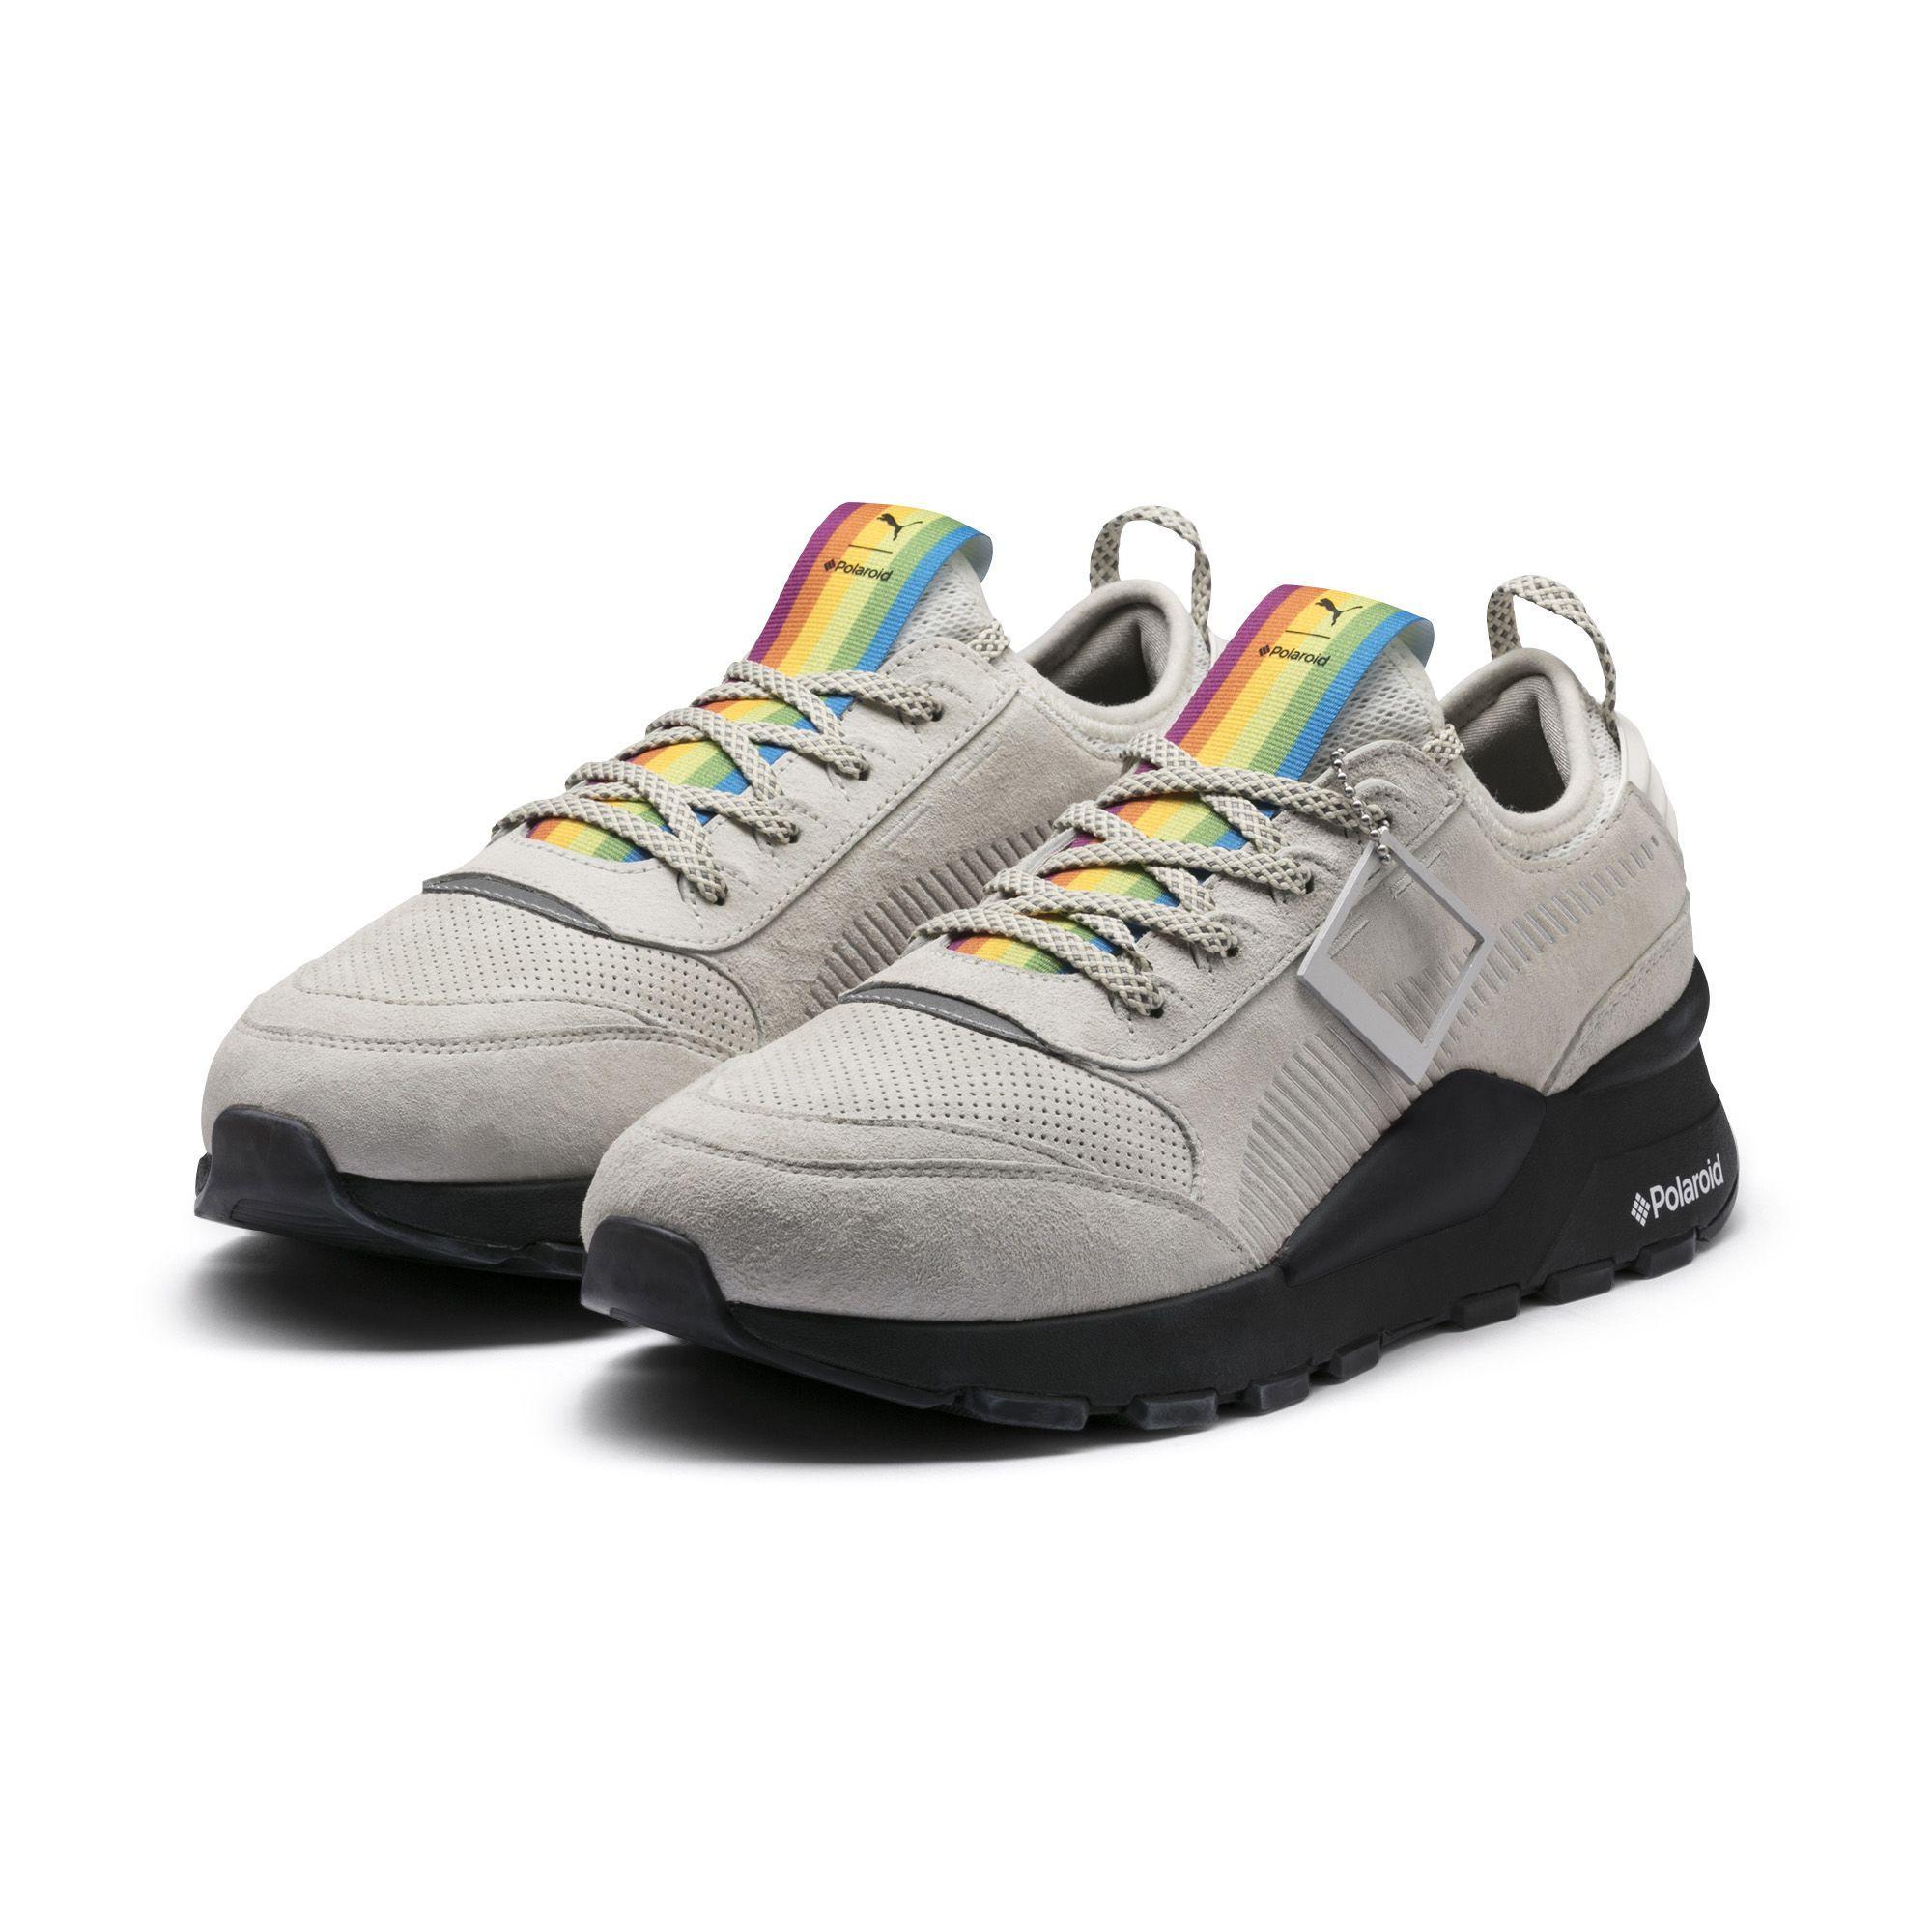 De nieuwste toffe sneakers voor je herfstgarderobe